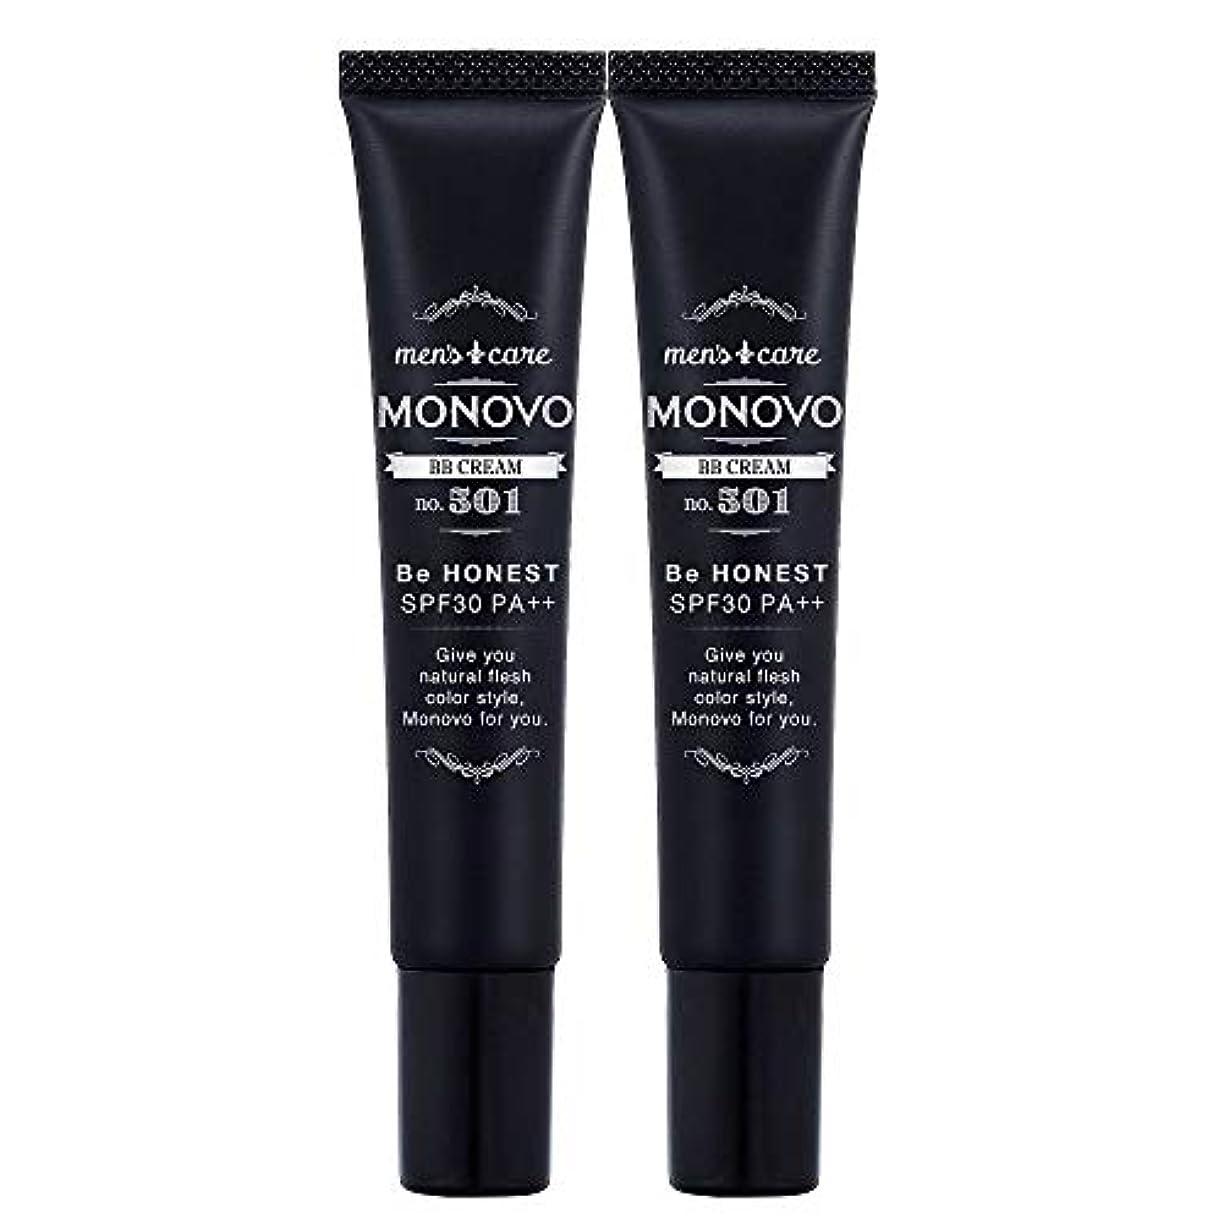 シャイ銀影響力のあるMONOVO BBクリーム メンズ コンシーラー ファンデーション効果で青髭/テカリ/肌荒れ隠し[ SPF30/PA++] 2本 40g